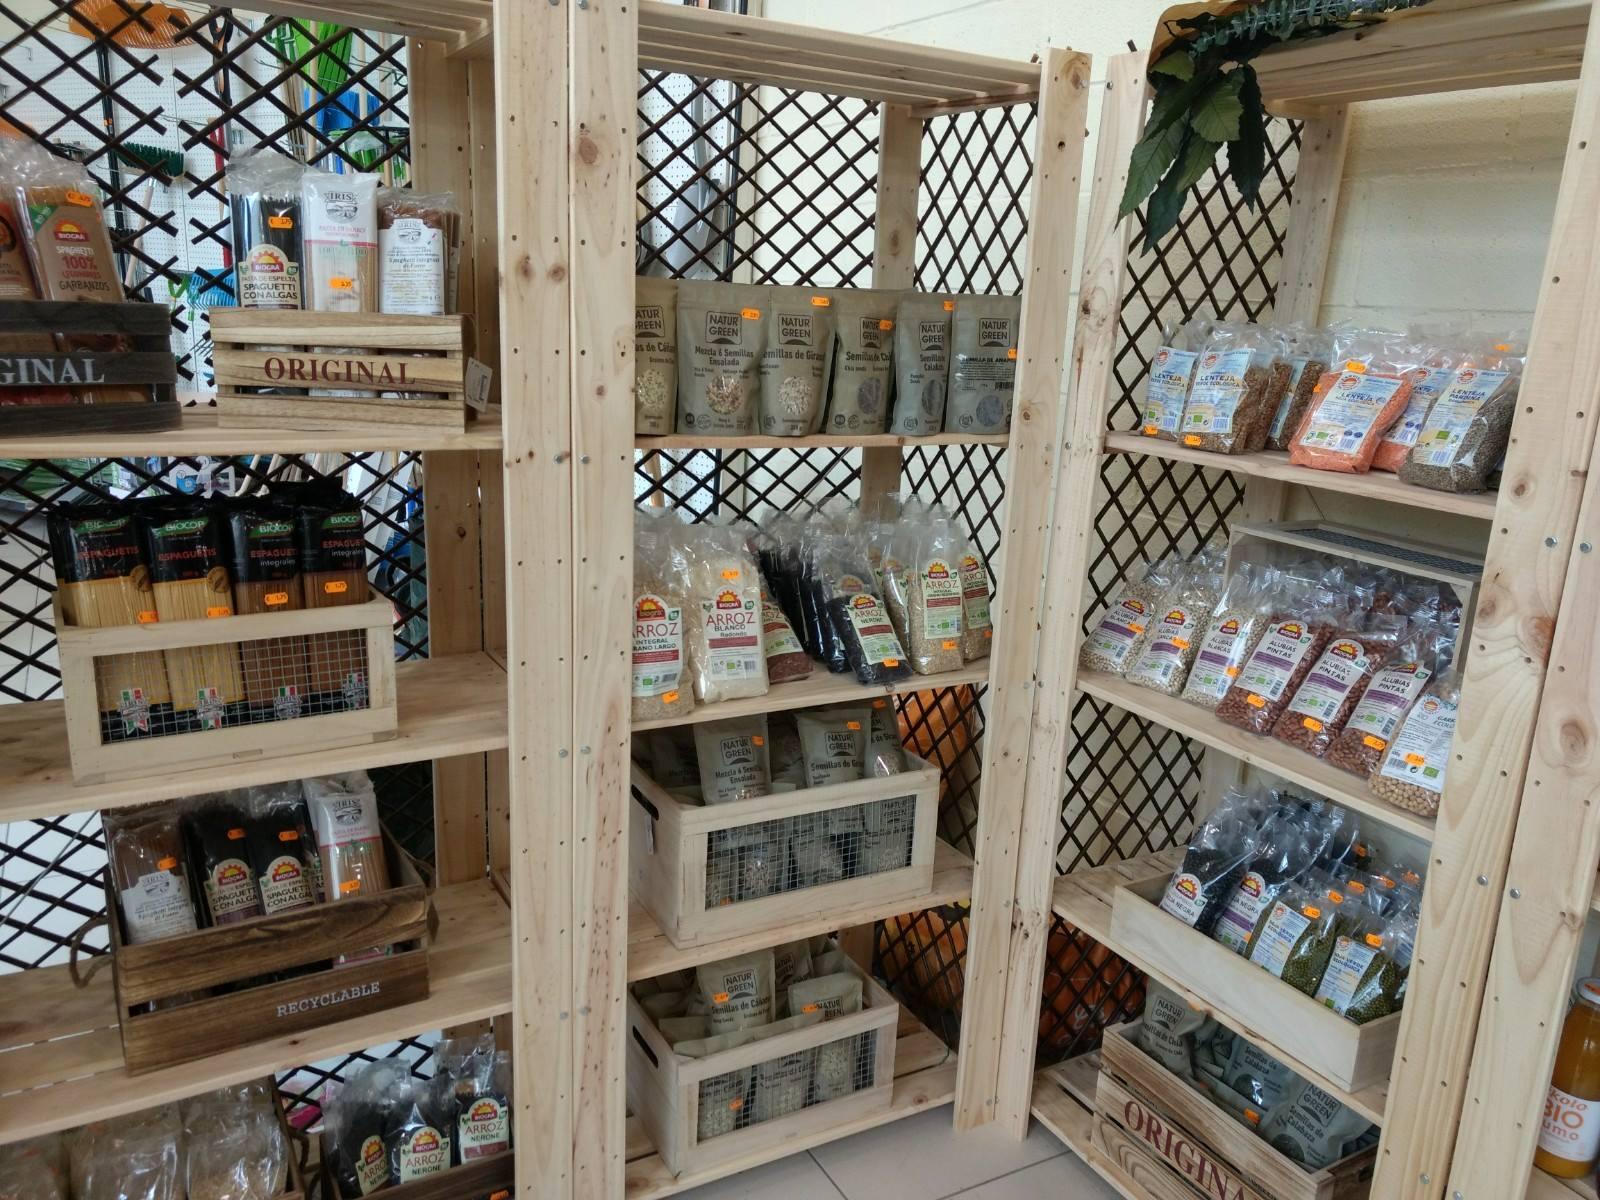 Dónde comprar comida ecológica en Vitoria Gasteiz